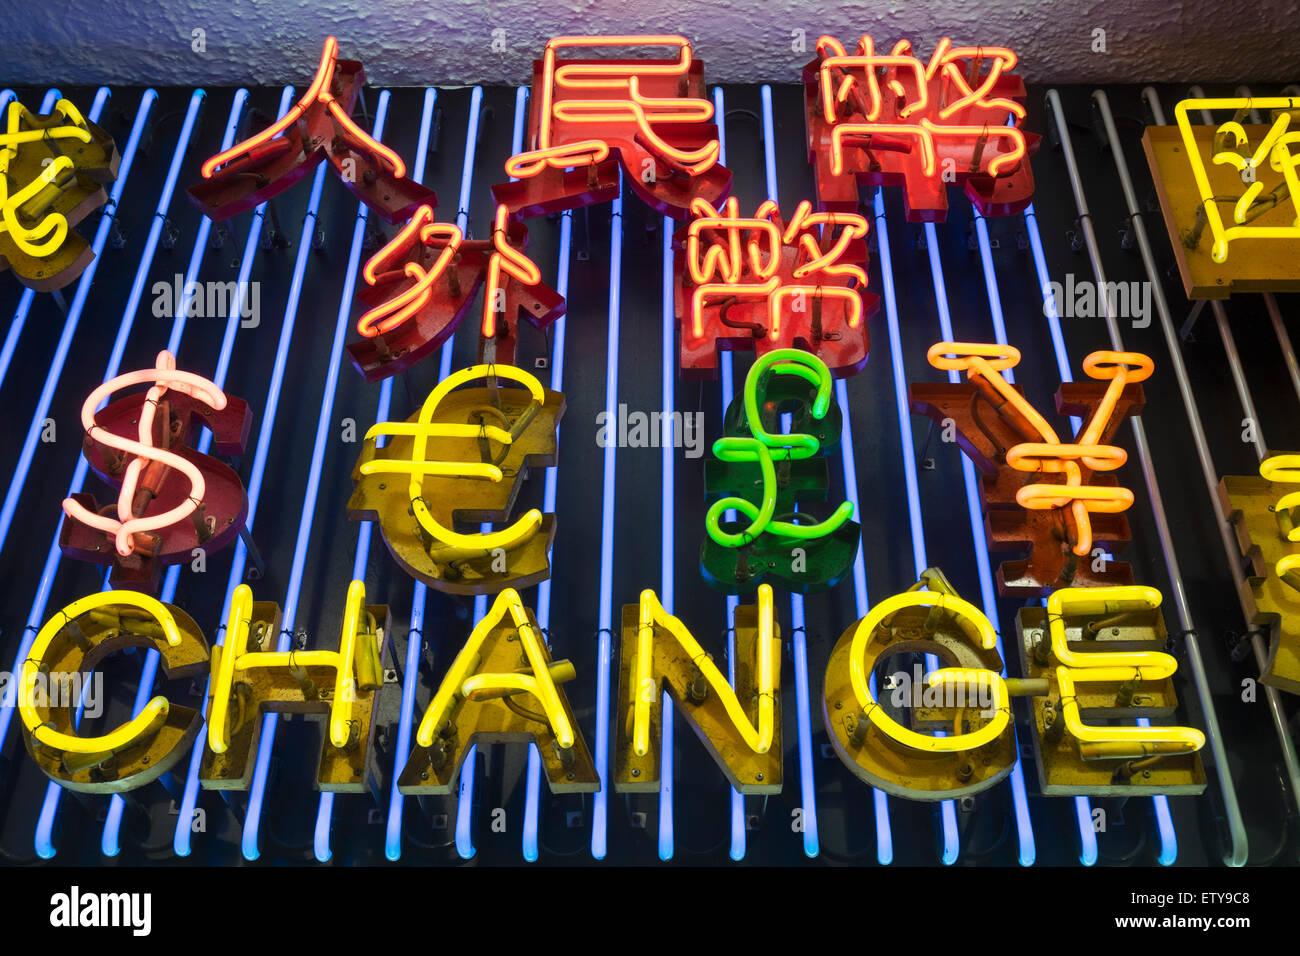 Luci al neon elencando varie monete al di sopra di cambio valuta Negozio di notte a Hong Kong Cina Immagini Stock